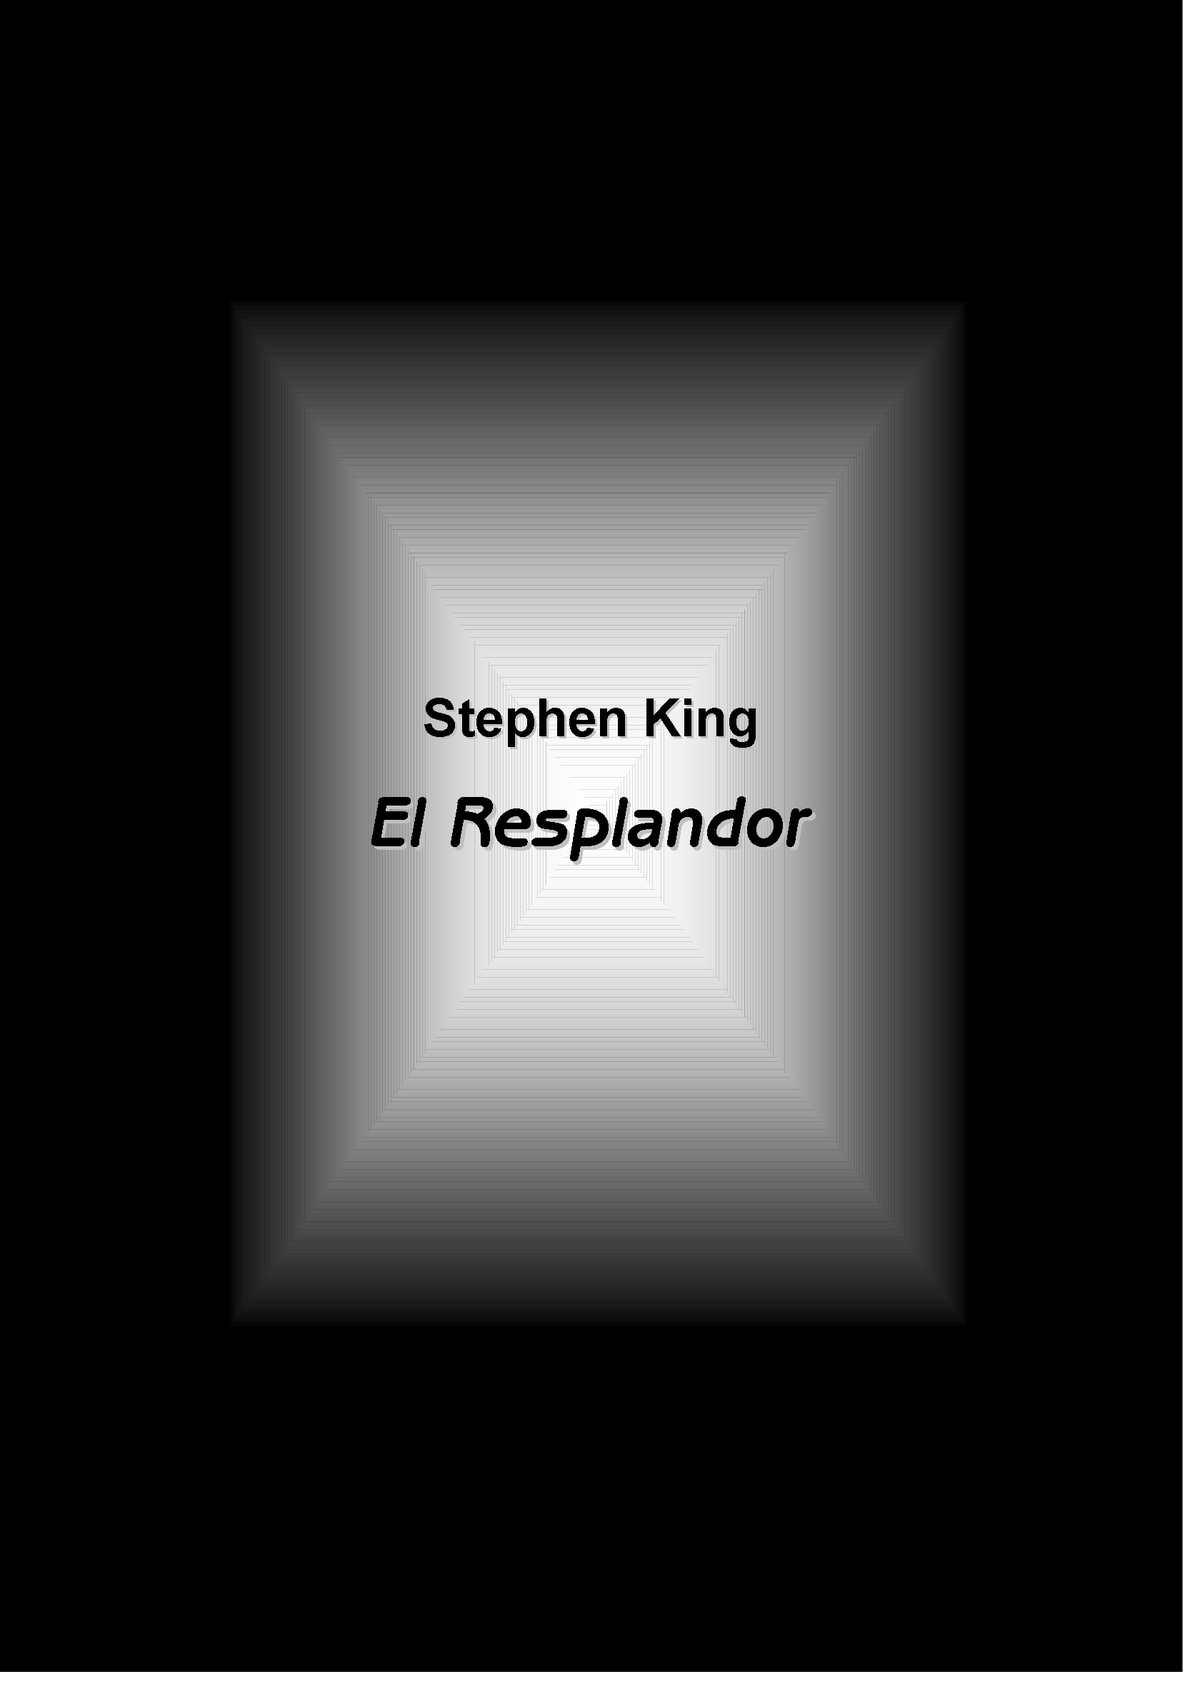 c5079744a Calaméo - King, Stephen - El Resplandor